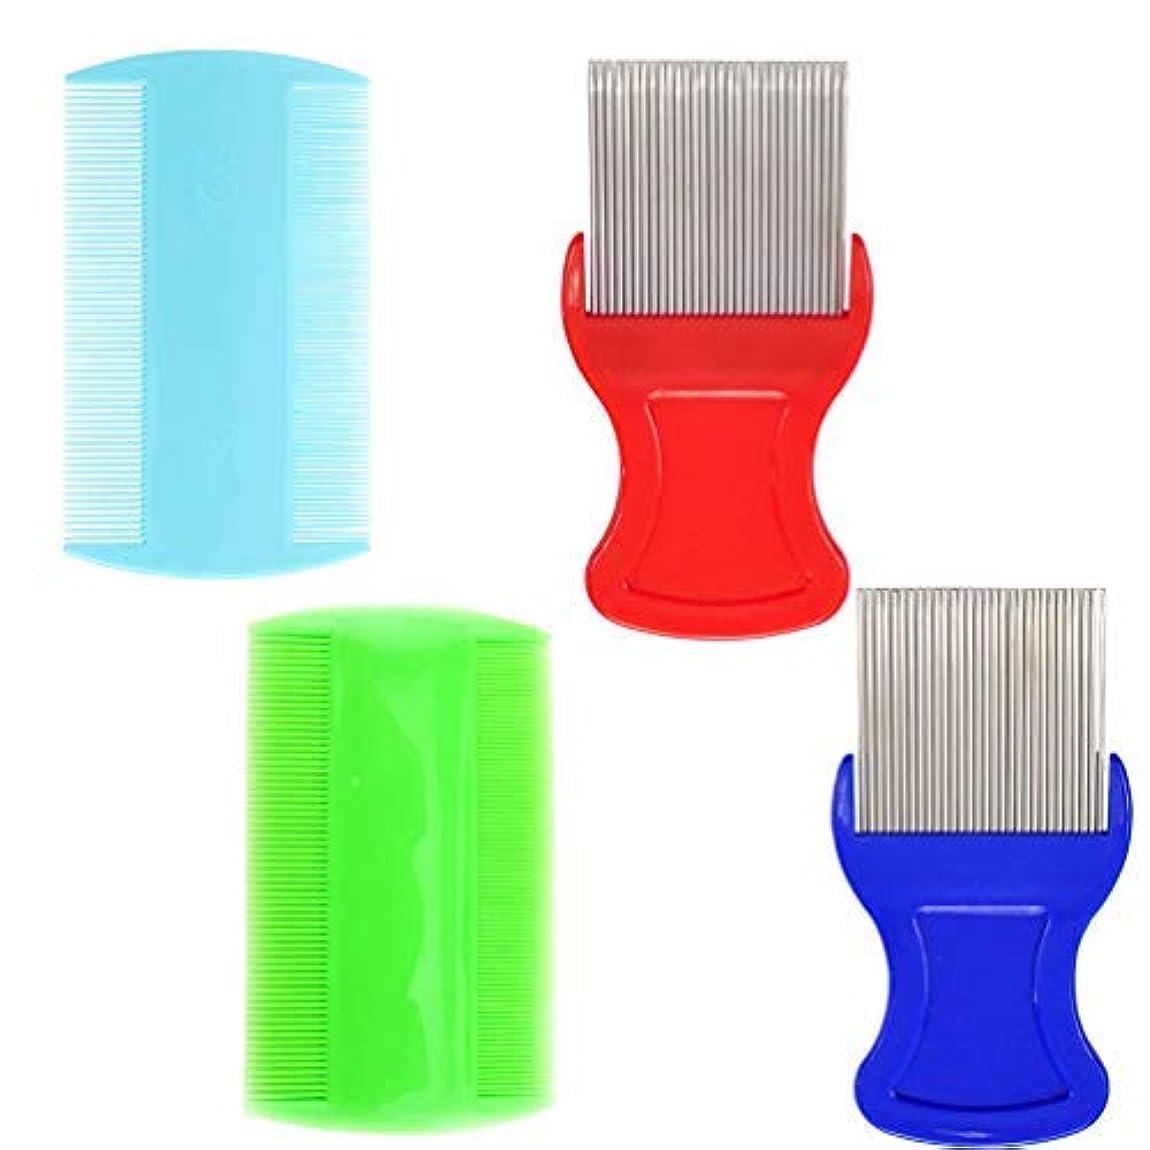 バッチ谷承認Hair Comb,Fine Tooth Comb,Removing Dandruff Flakes [並行輸入品]